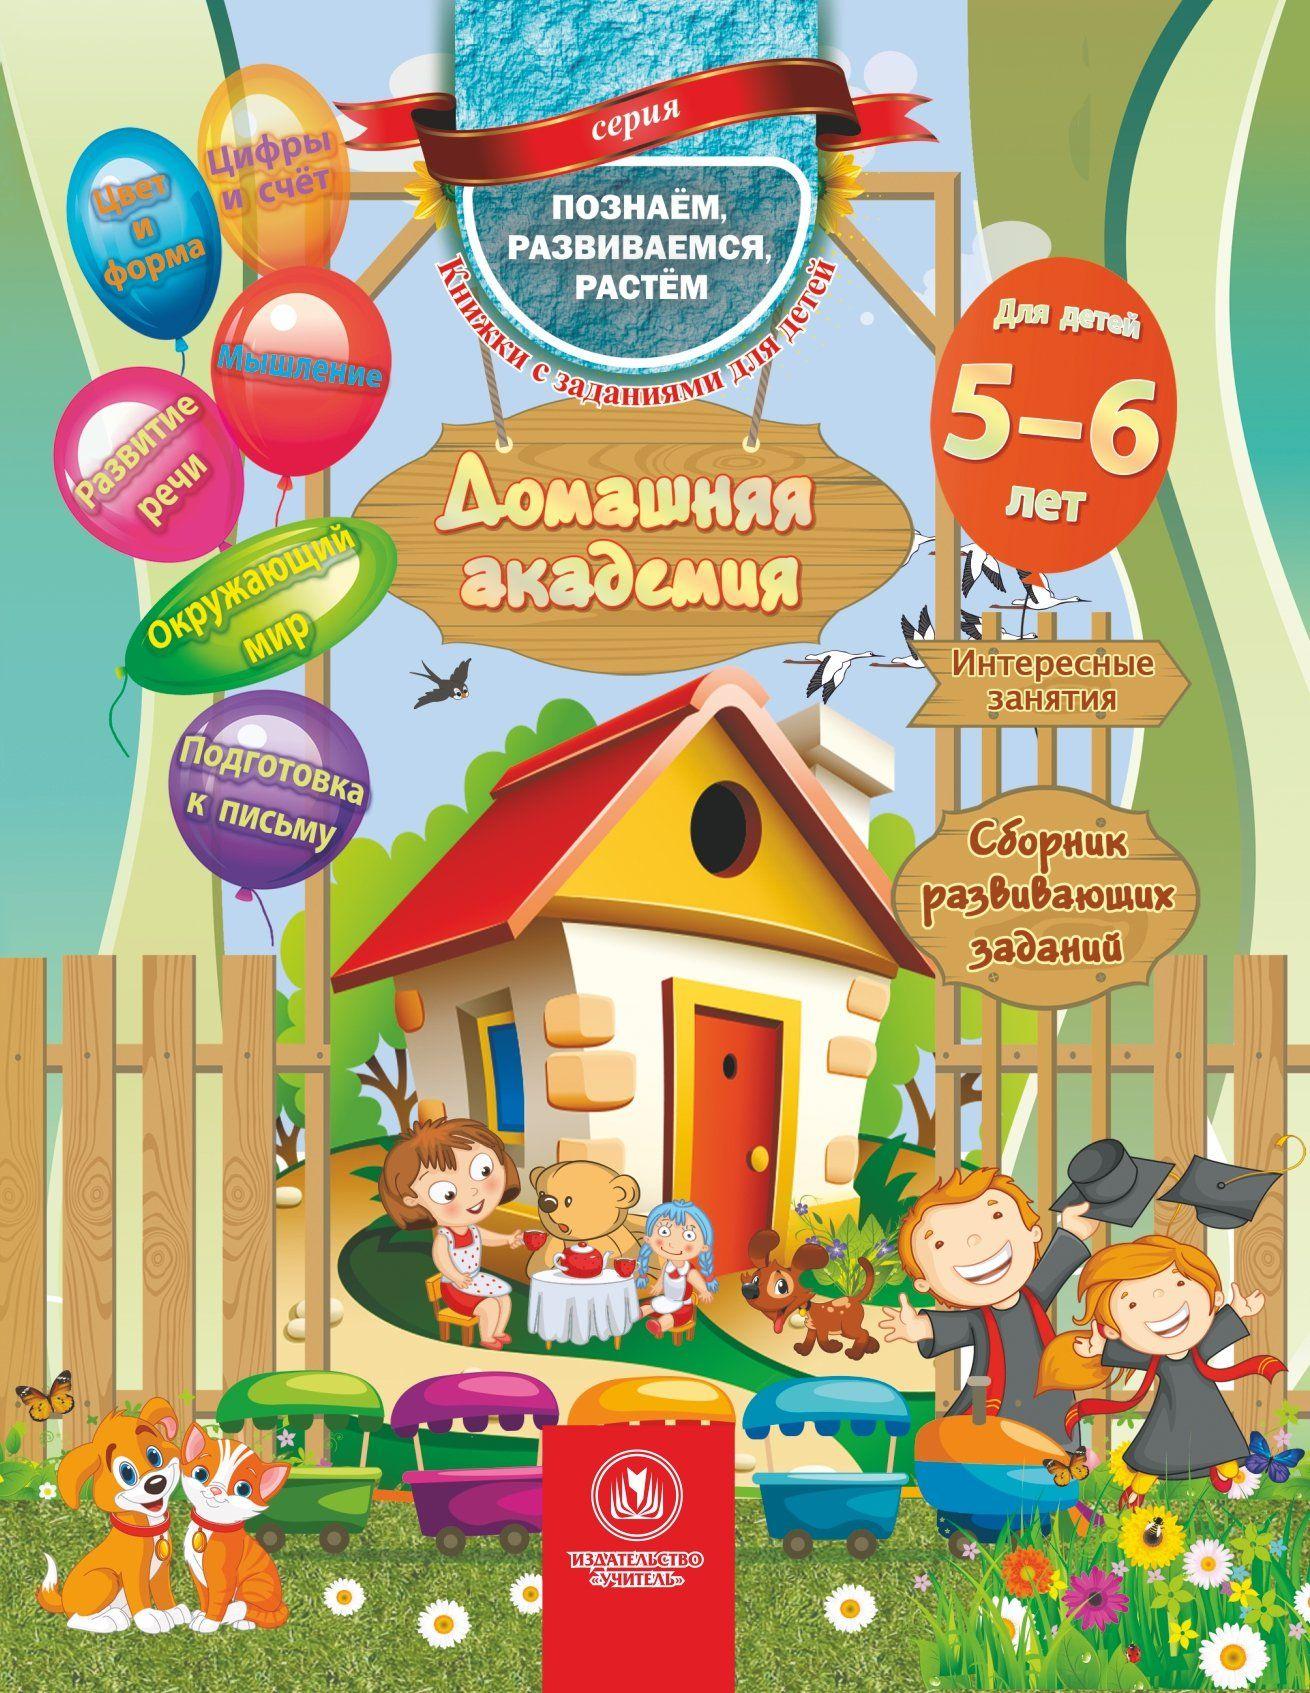 Евгения Ищук Домашняя академия. Сборник развивающих заданий для детей 5-6 лет подарок ребенку на 5 лет